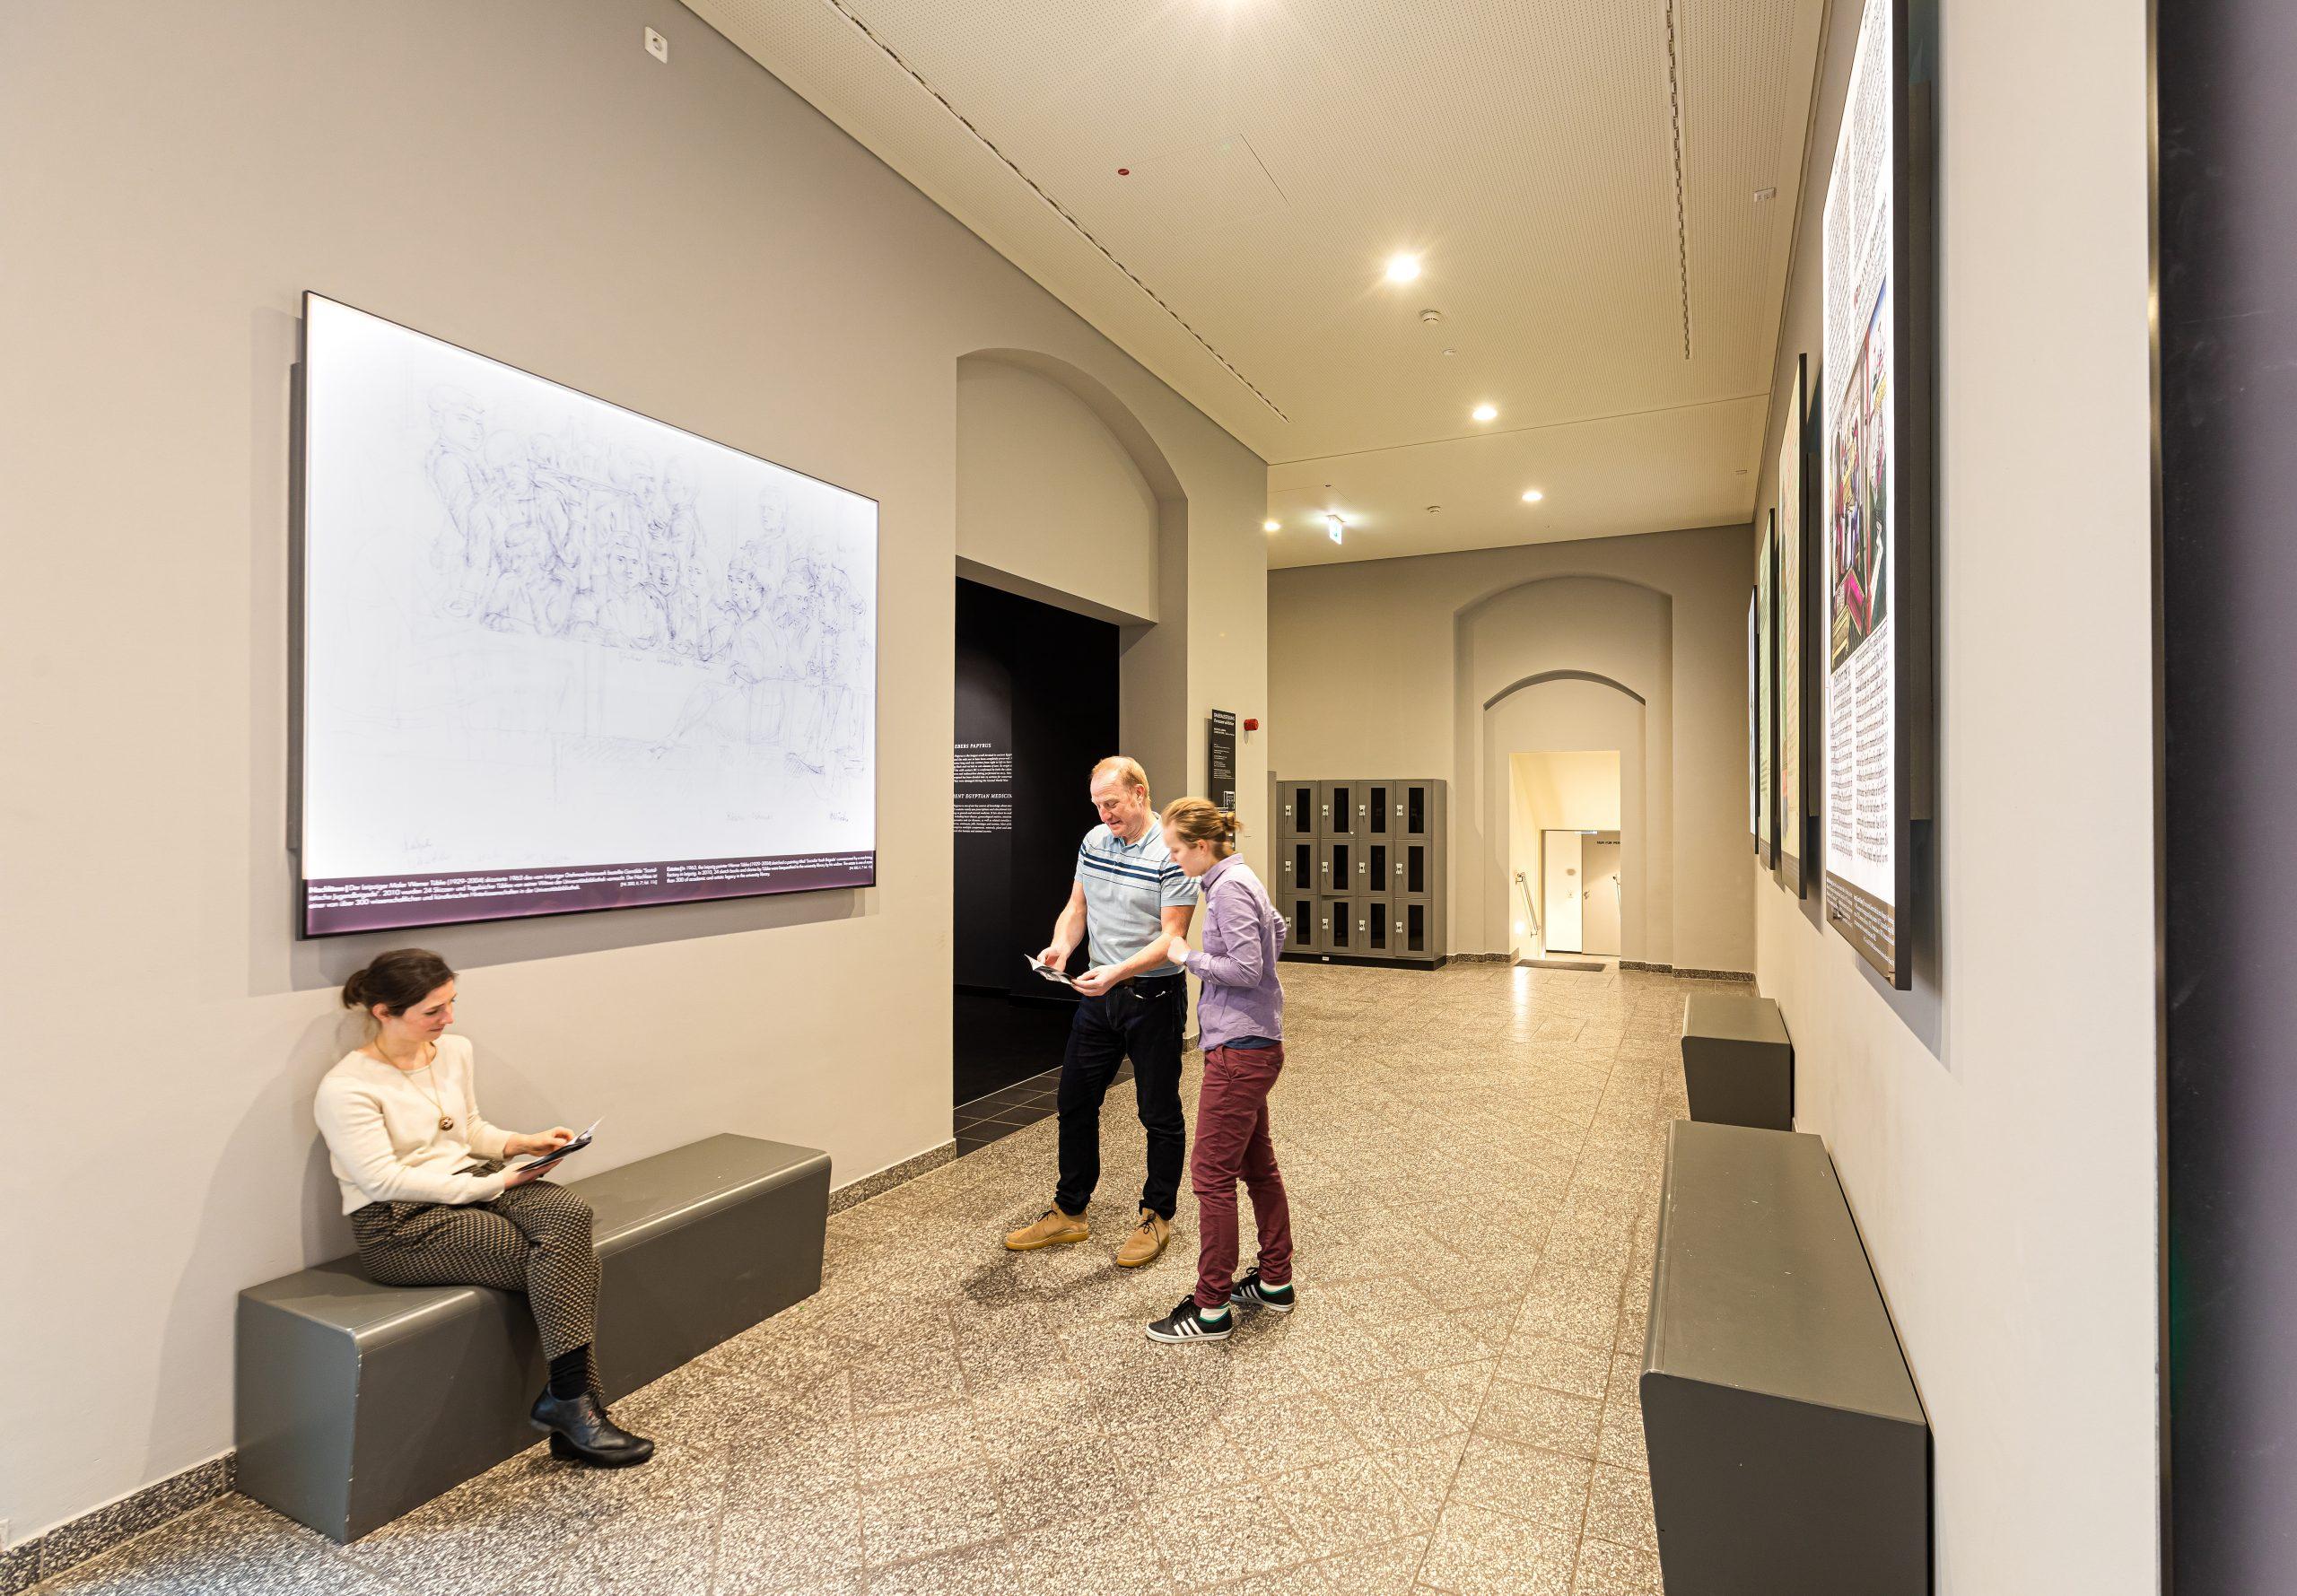 Gäste schauen sich die Dauerausstellung der Albertina an.